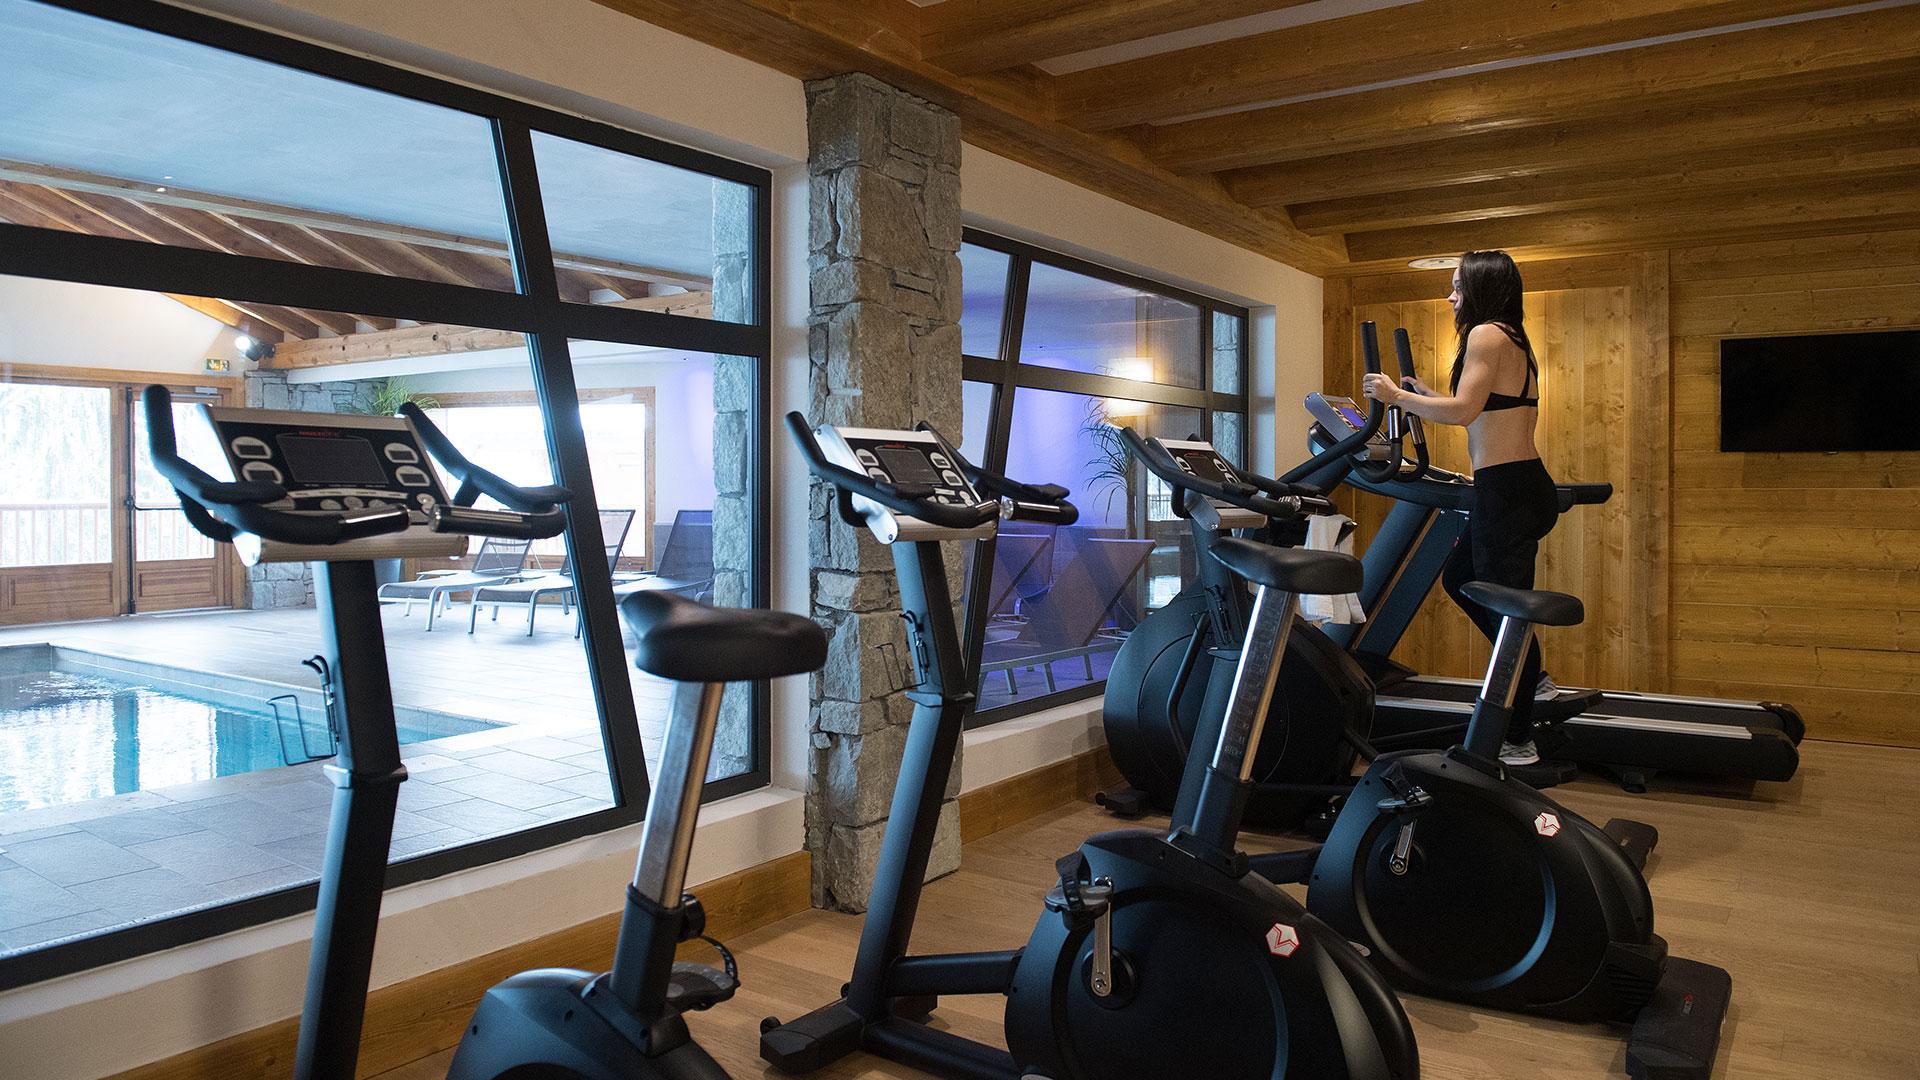 Salle de cardio training, Les Chalets de Léana - CGH Résidences